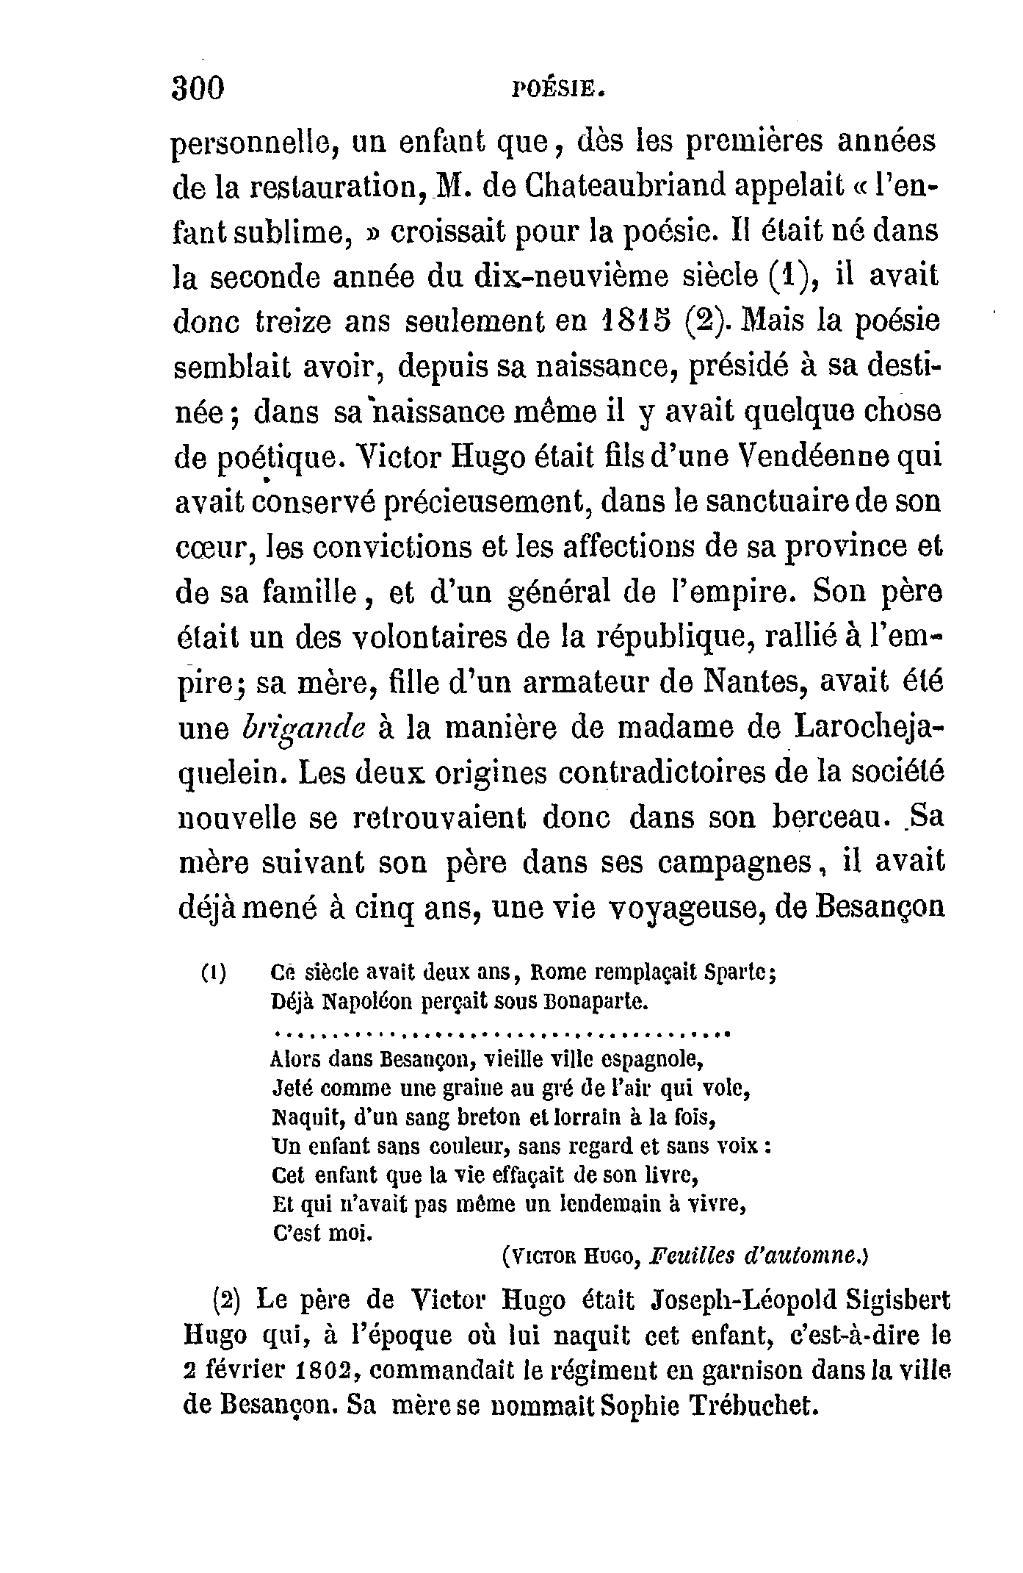 Ce Siecle Avait 2 Ans : siecle, avait, Page:Nettement, Histoire, Littérature, Française, Restauration, 1814-1830,, 1.djvu/312, Wikisource